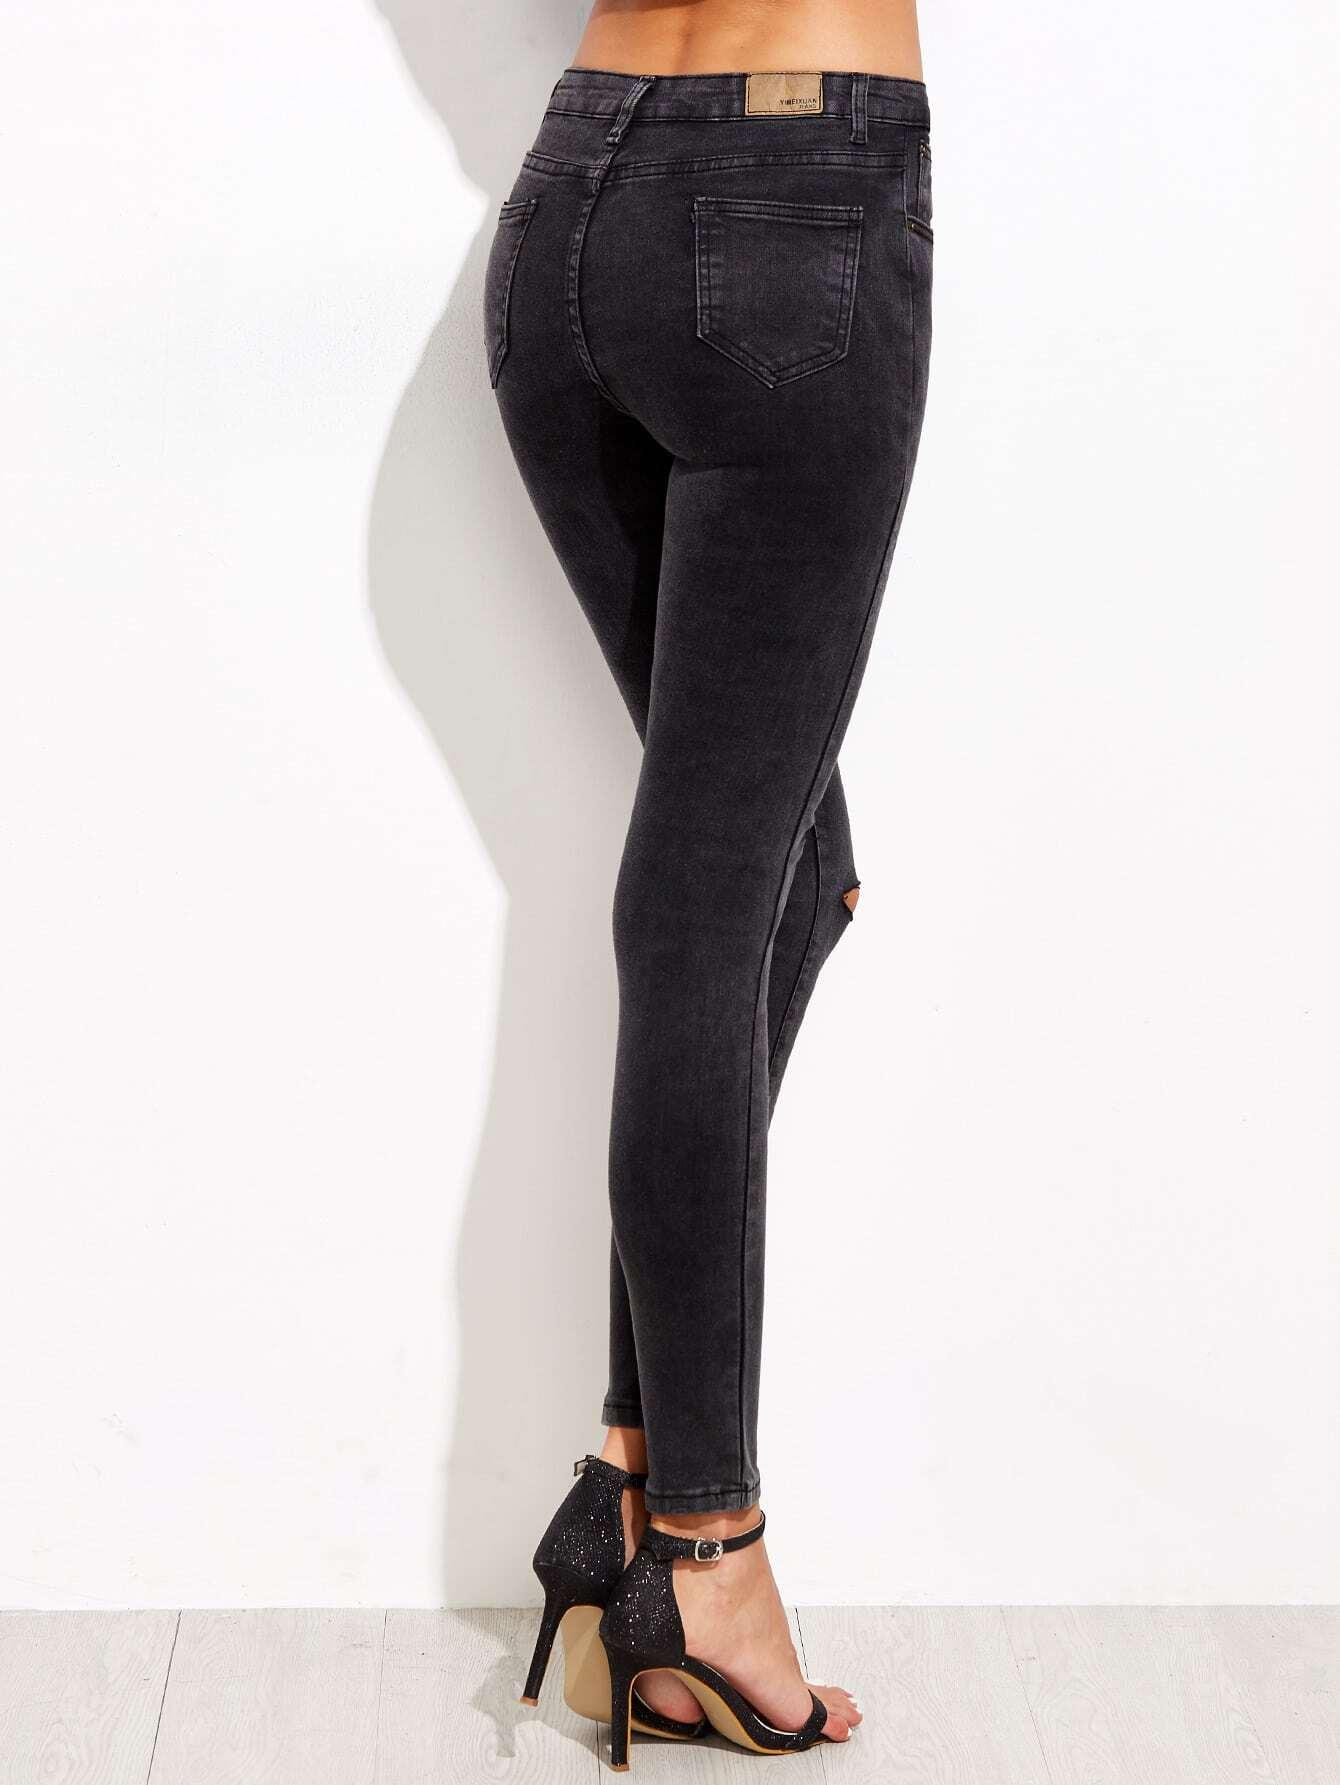 pants160809003_2